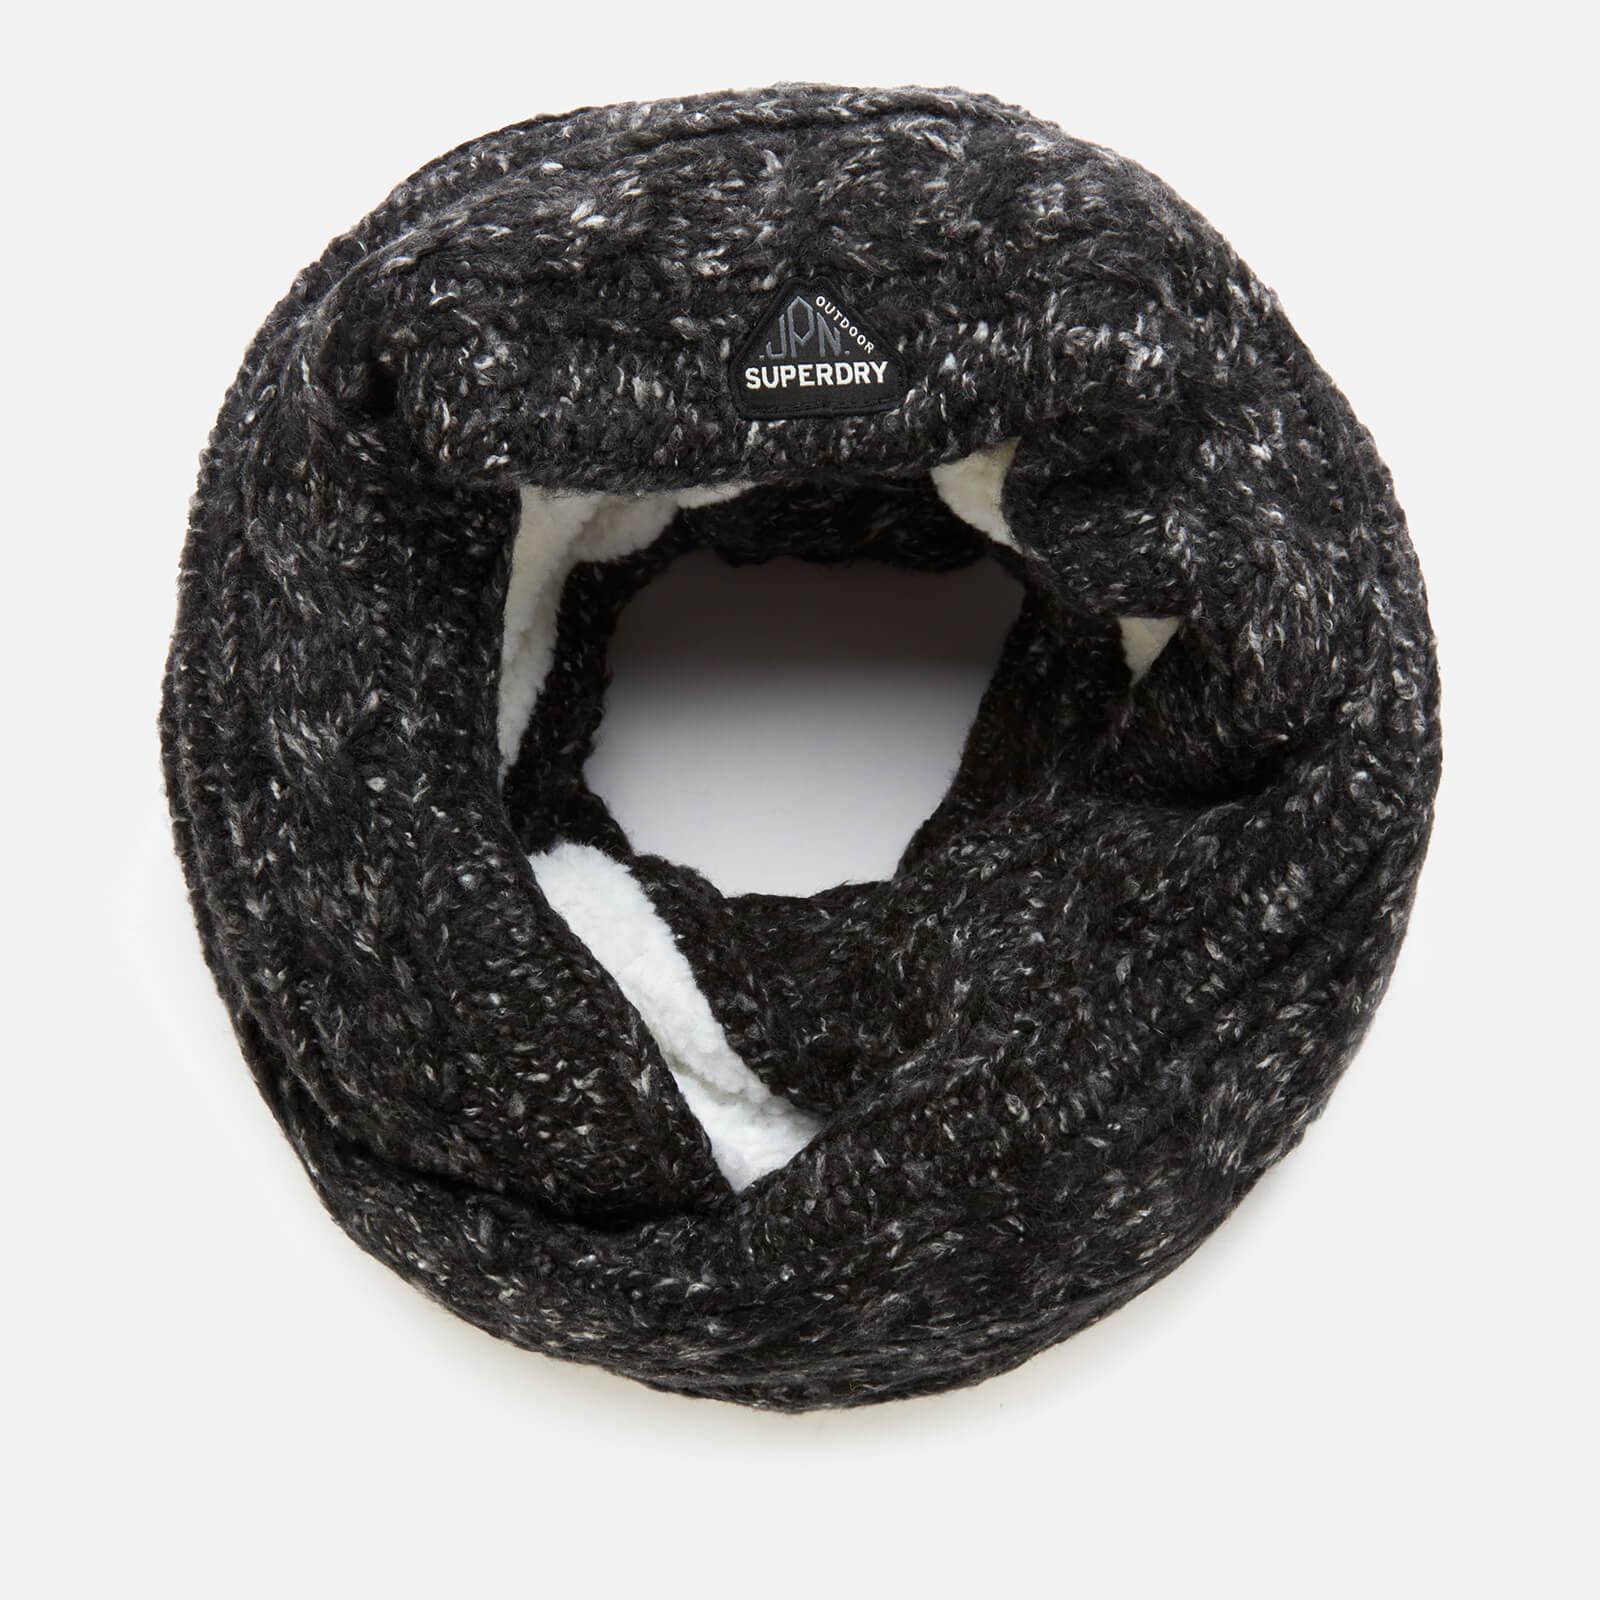 Superdry Women's Gracie Cable Snood - Black Tweed